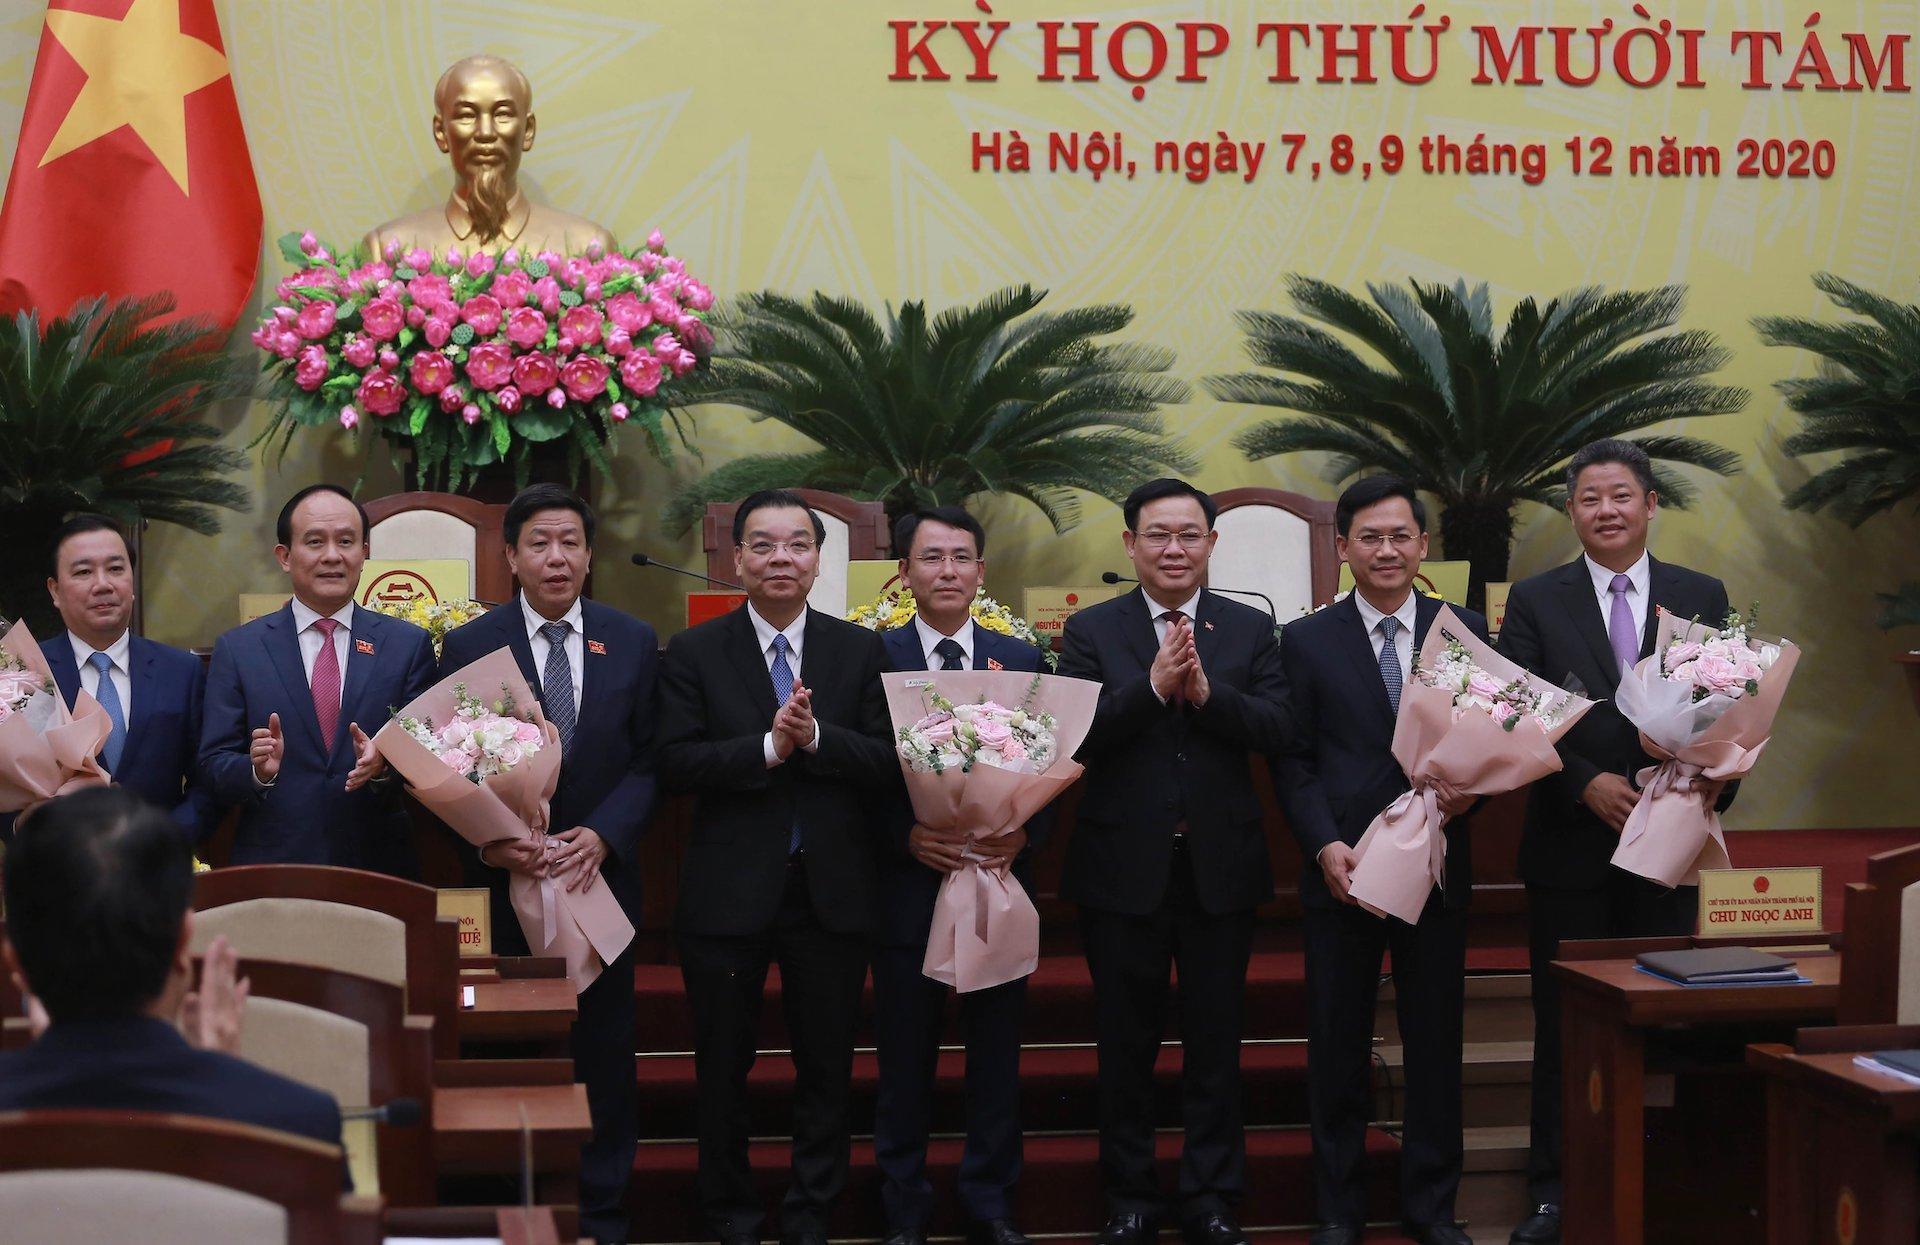 Tuần tới, Hà Nội bầu Chủ tịch UBND và Chủ tịch HĐND TP nhiệm kỳ 2021-2026